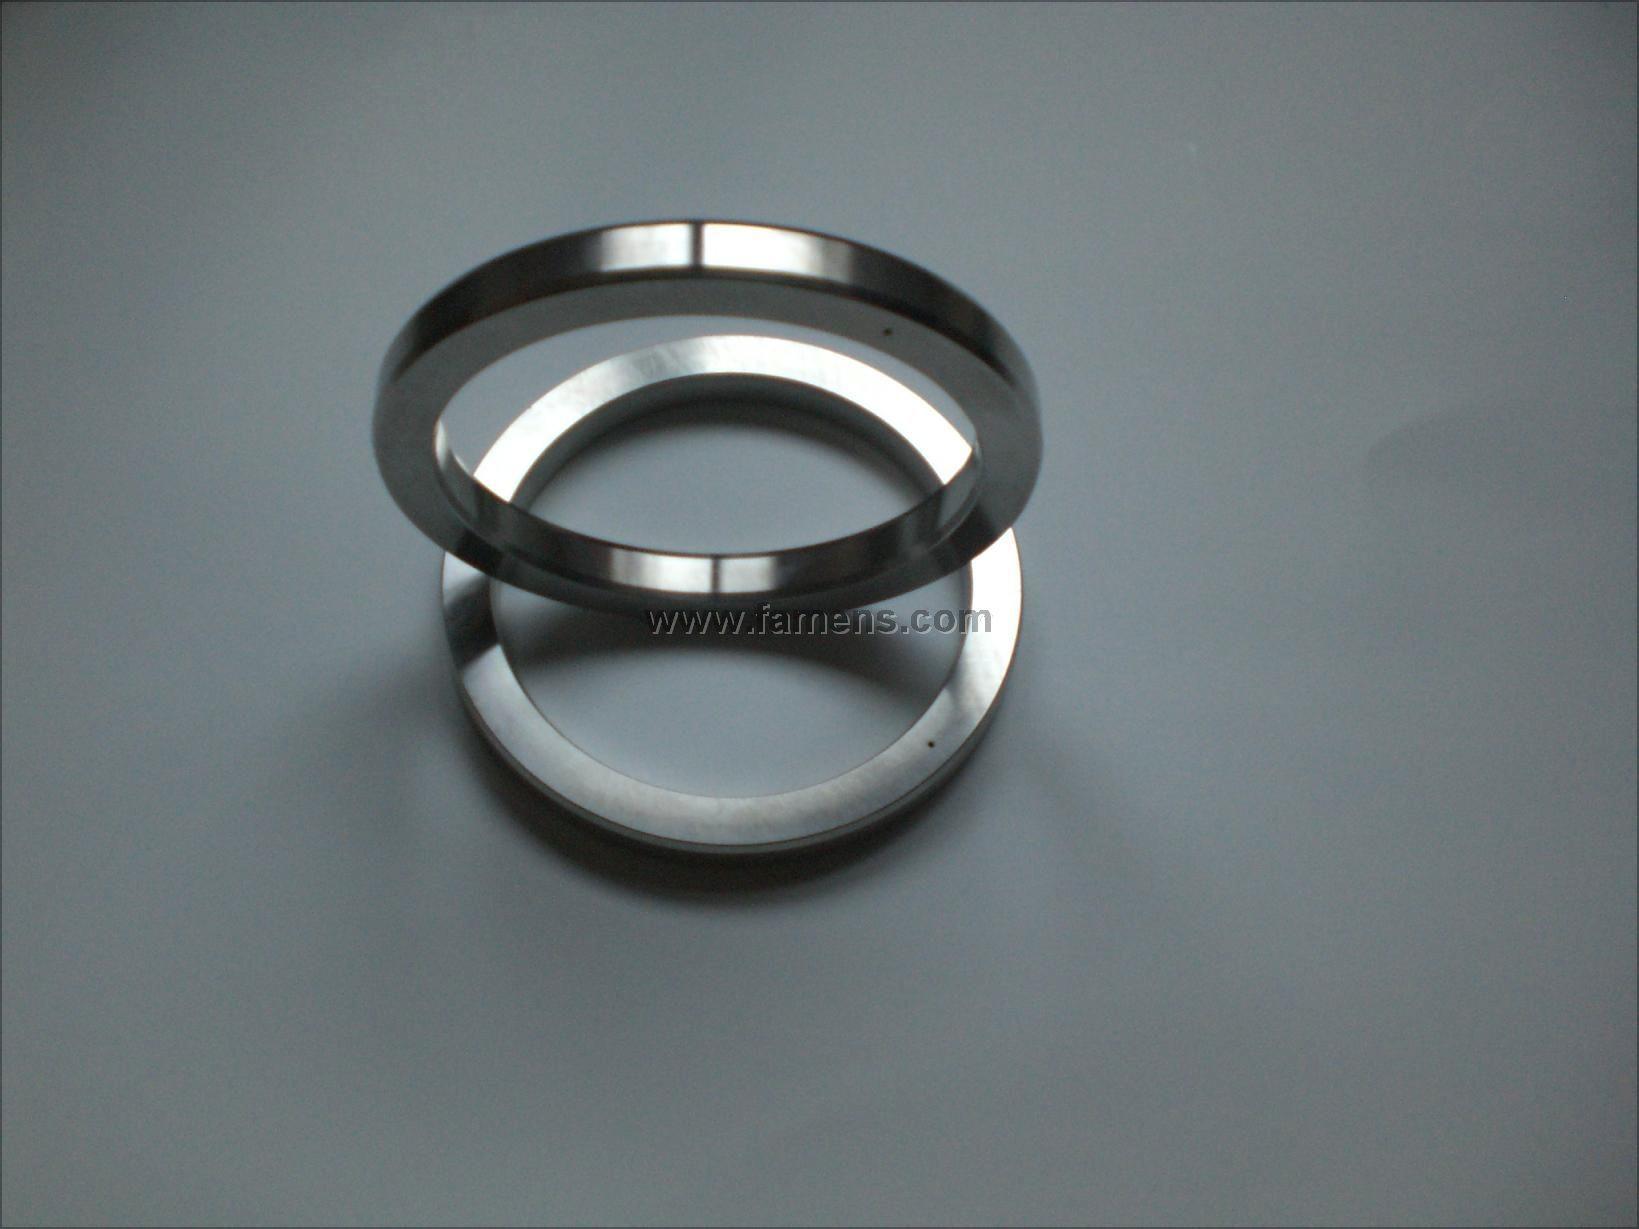 金属环垫,八角垫,椭圆垫,透镜垫